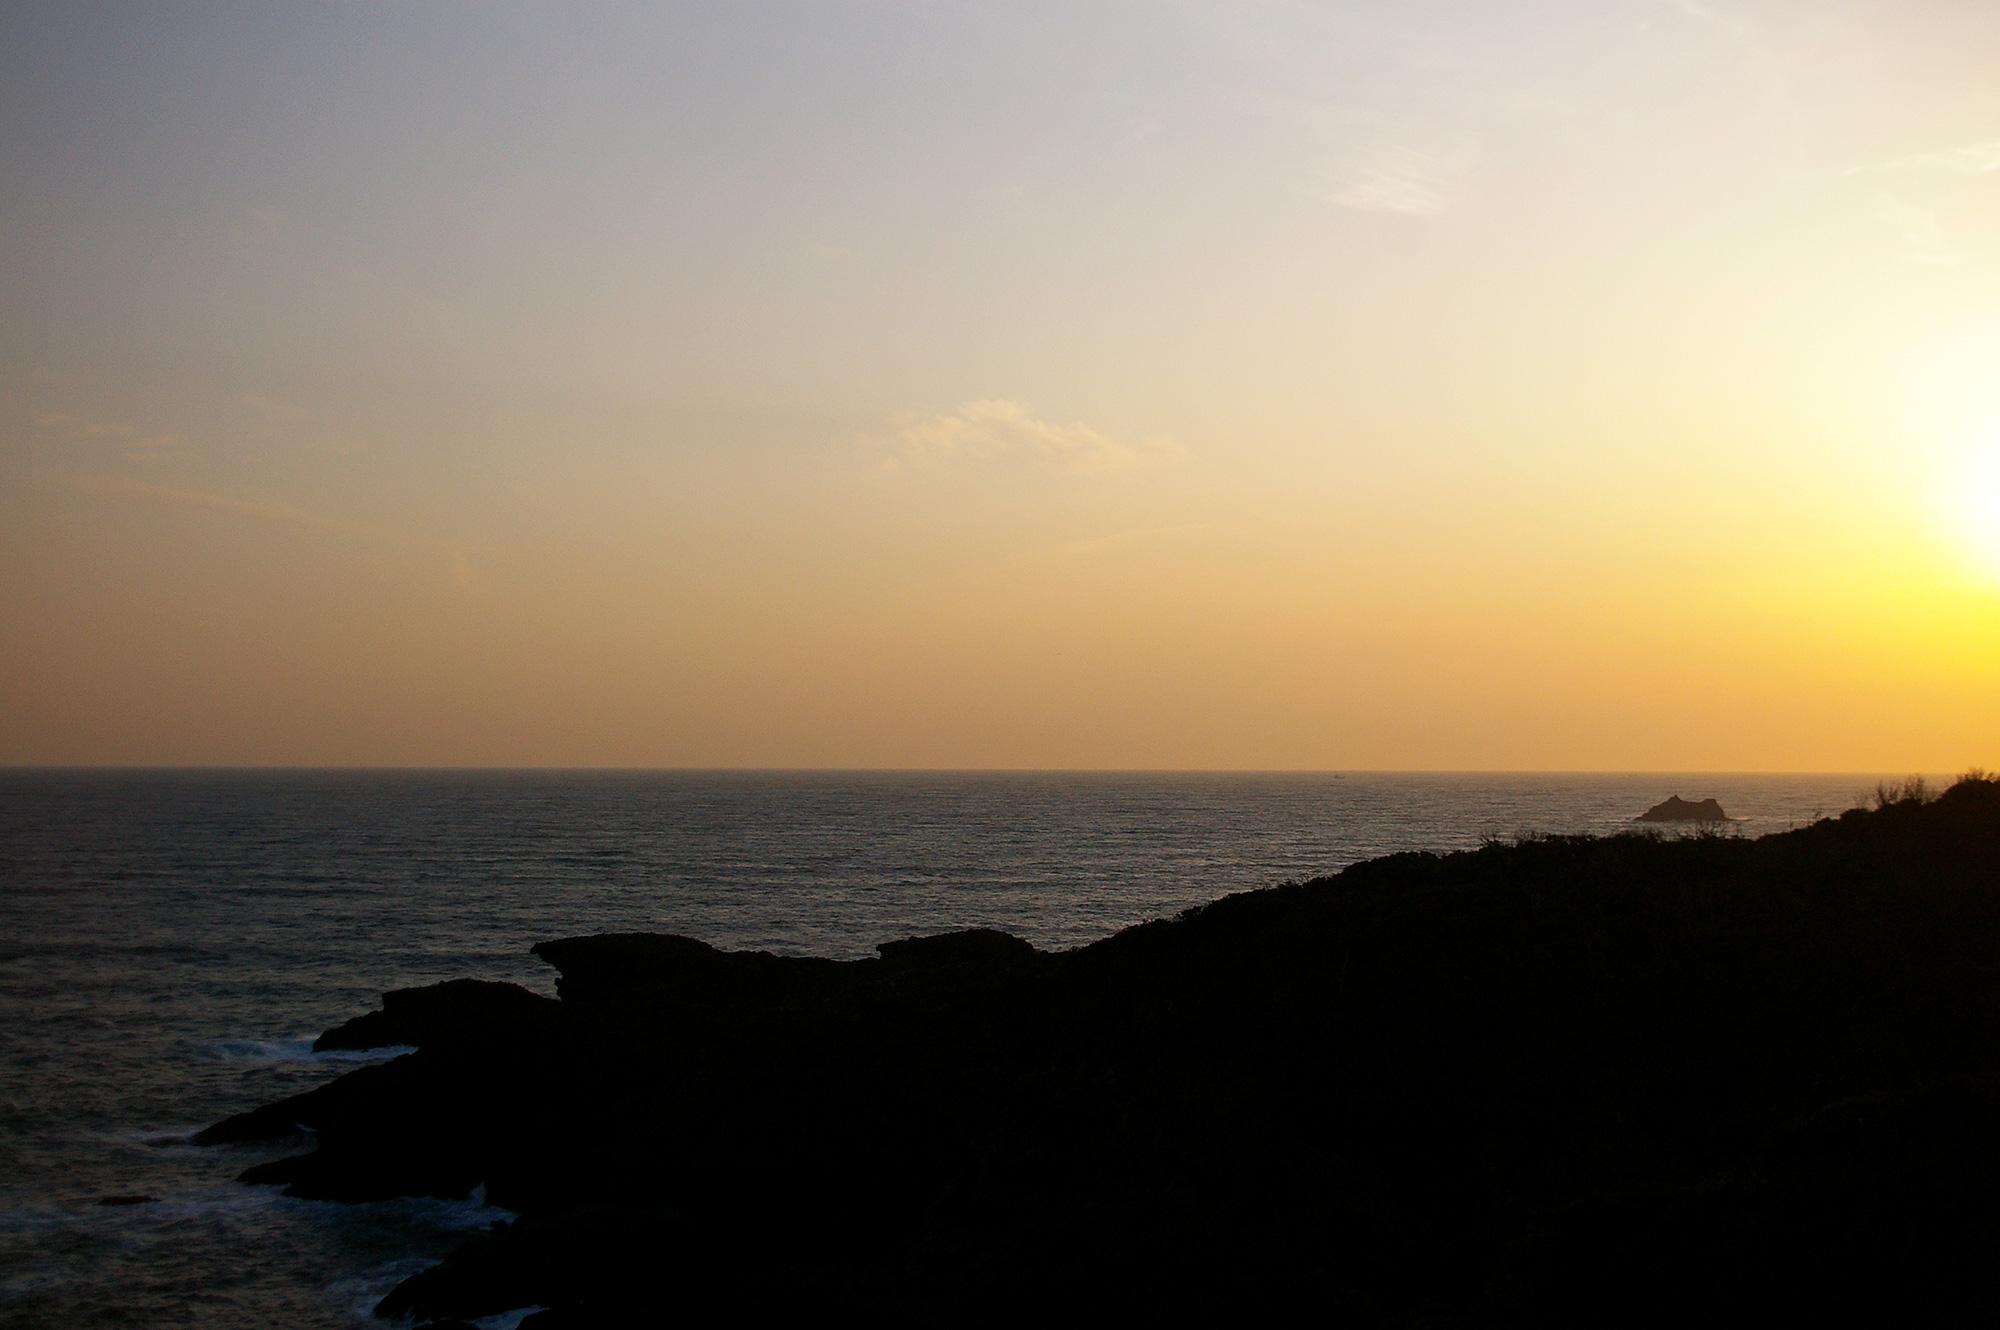 夕暮れの水平線